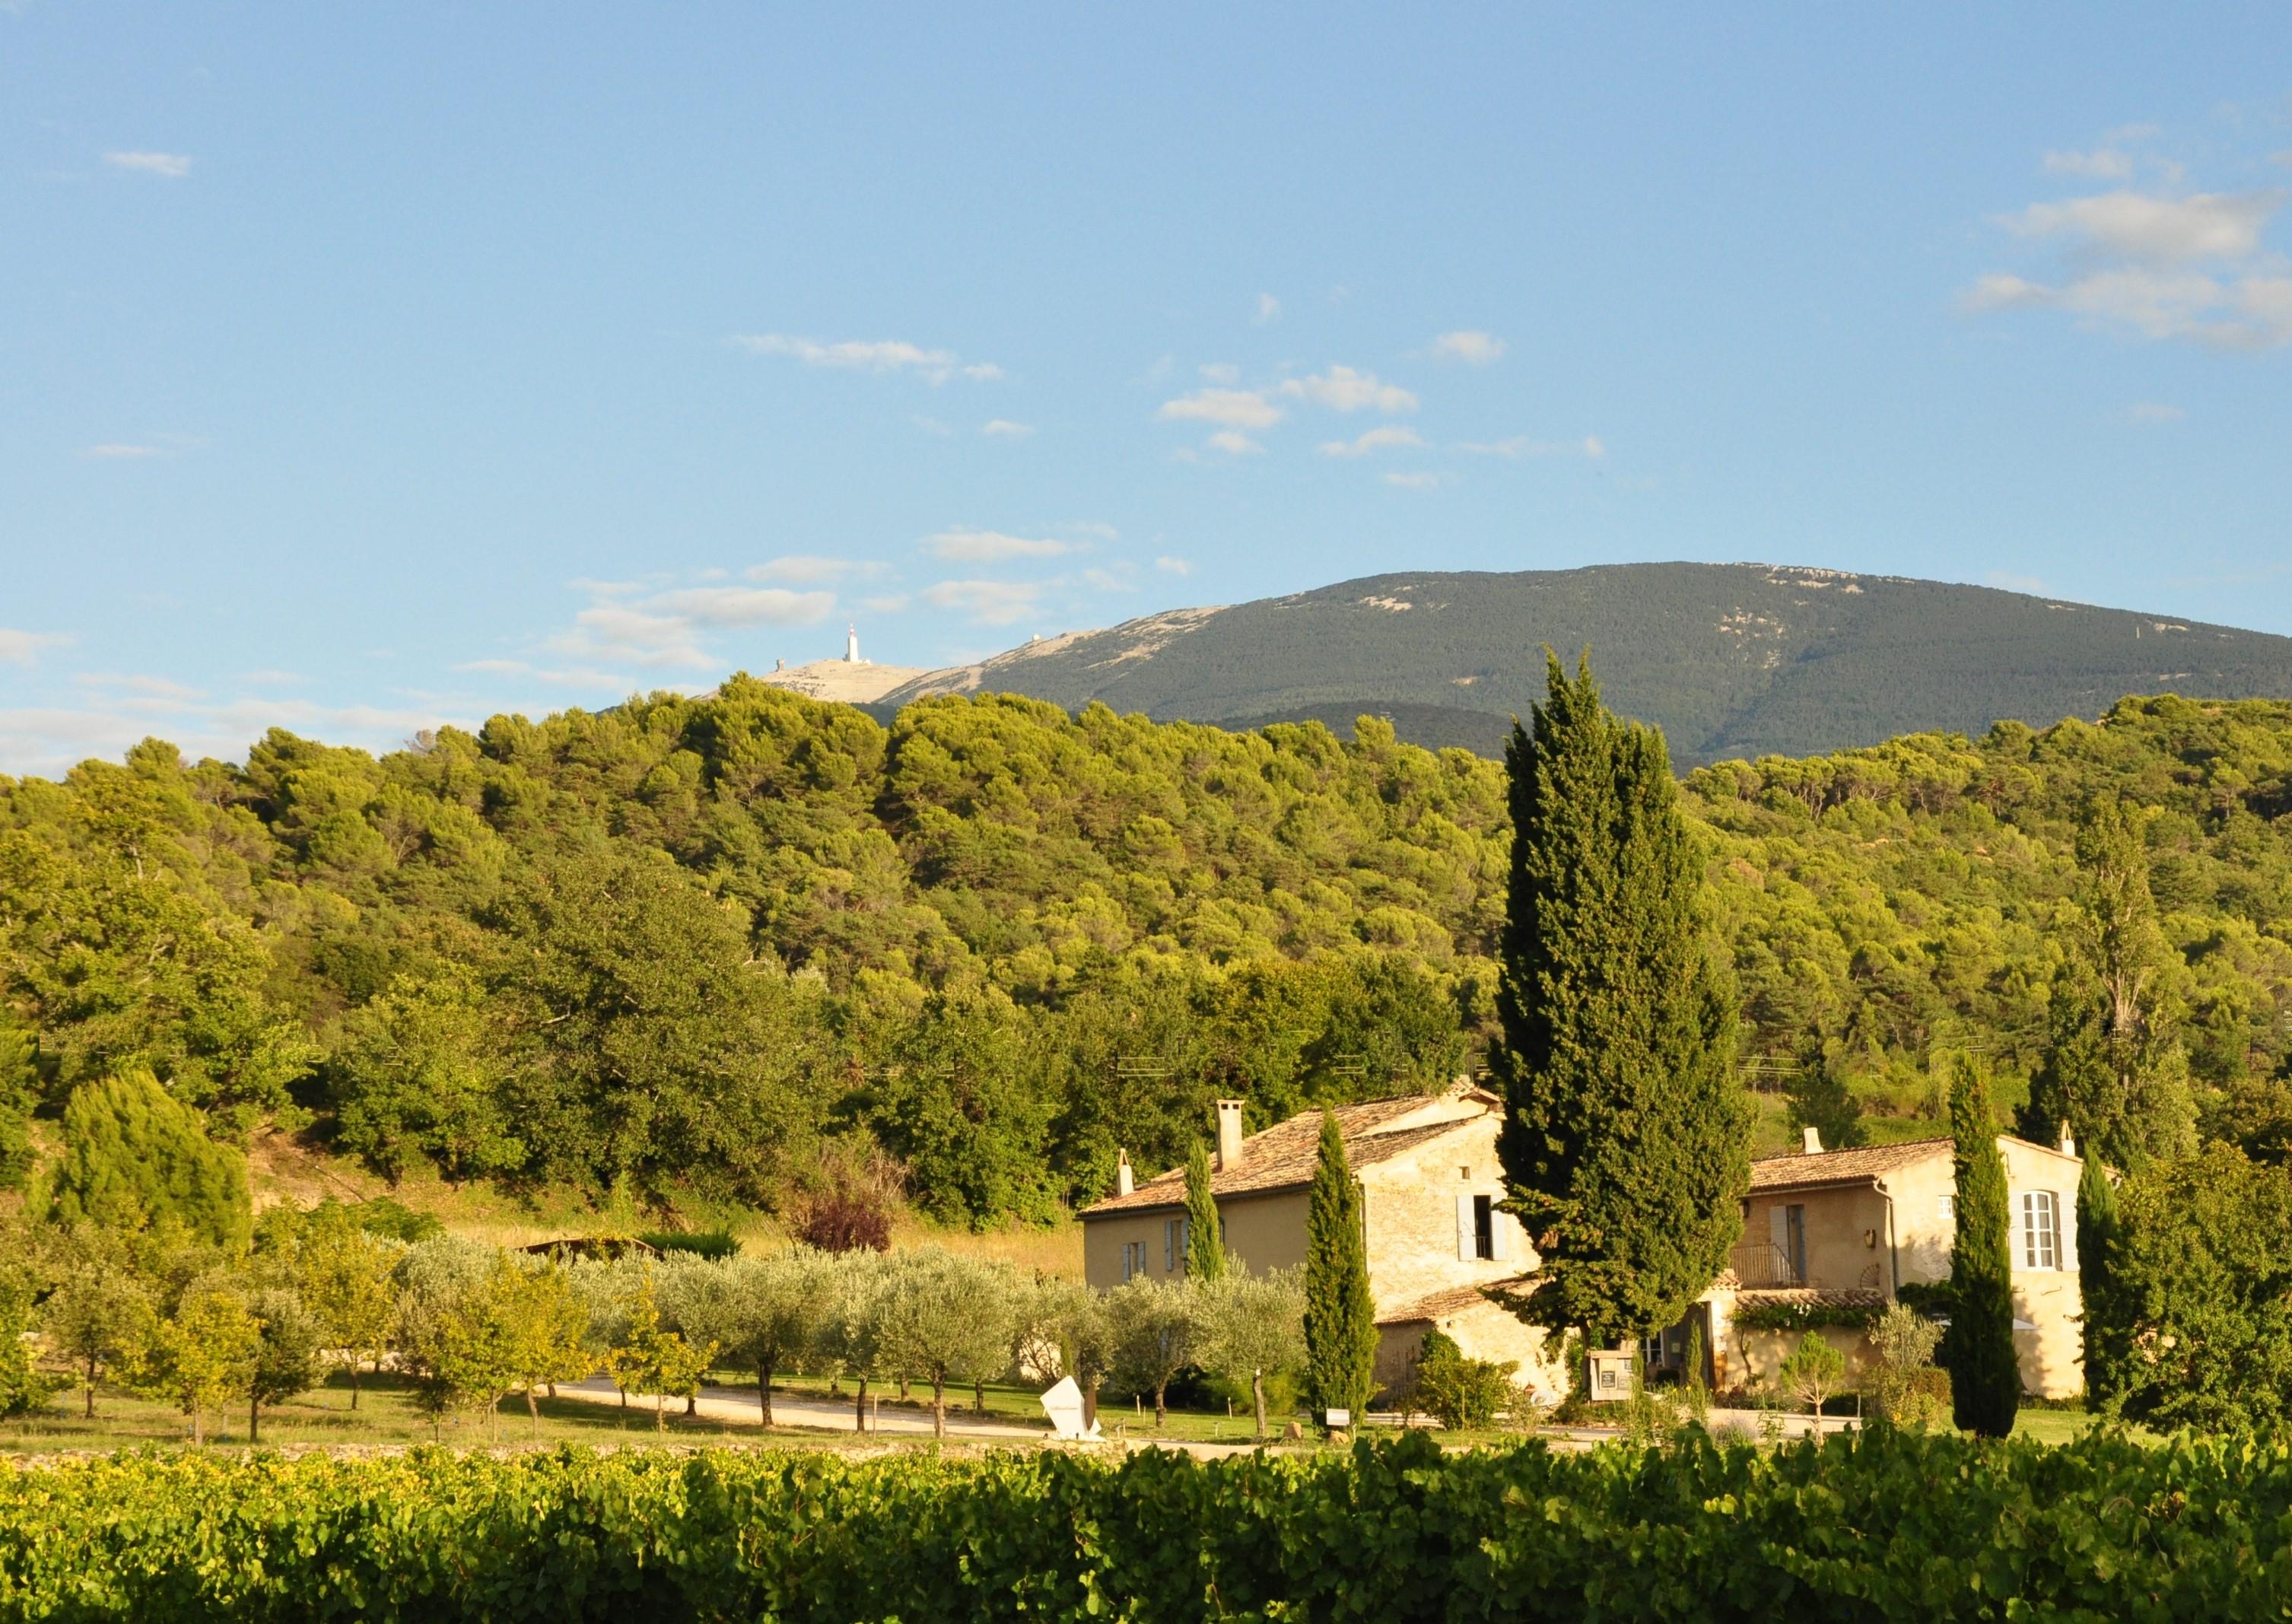 Au pied du mont Ventoux